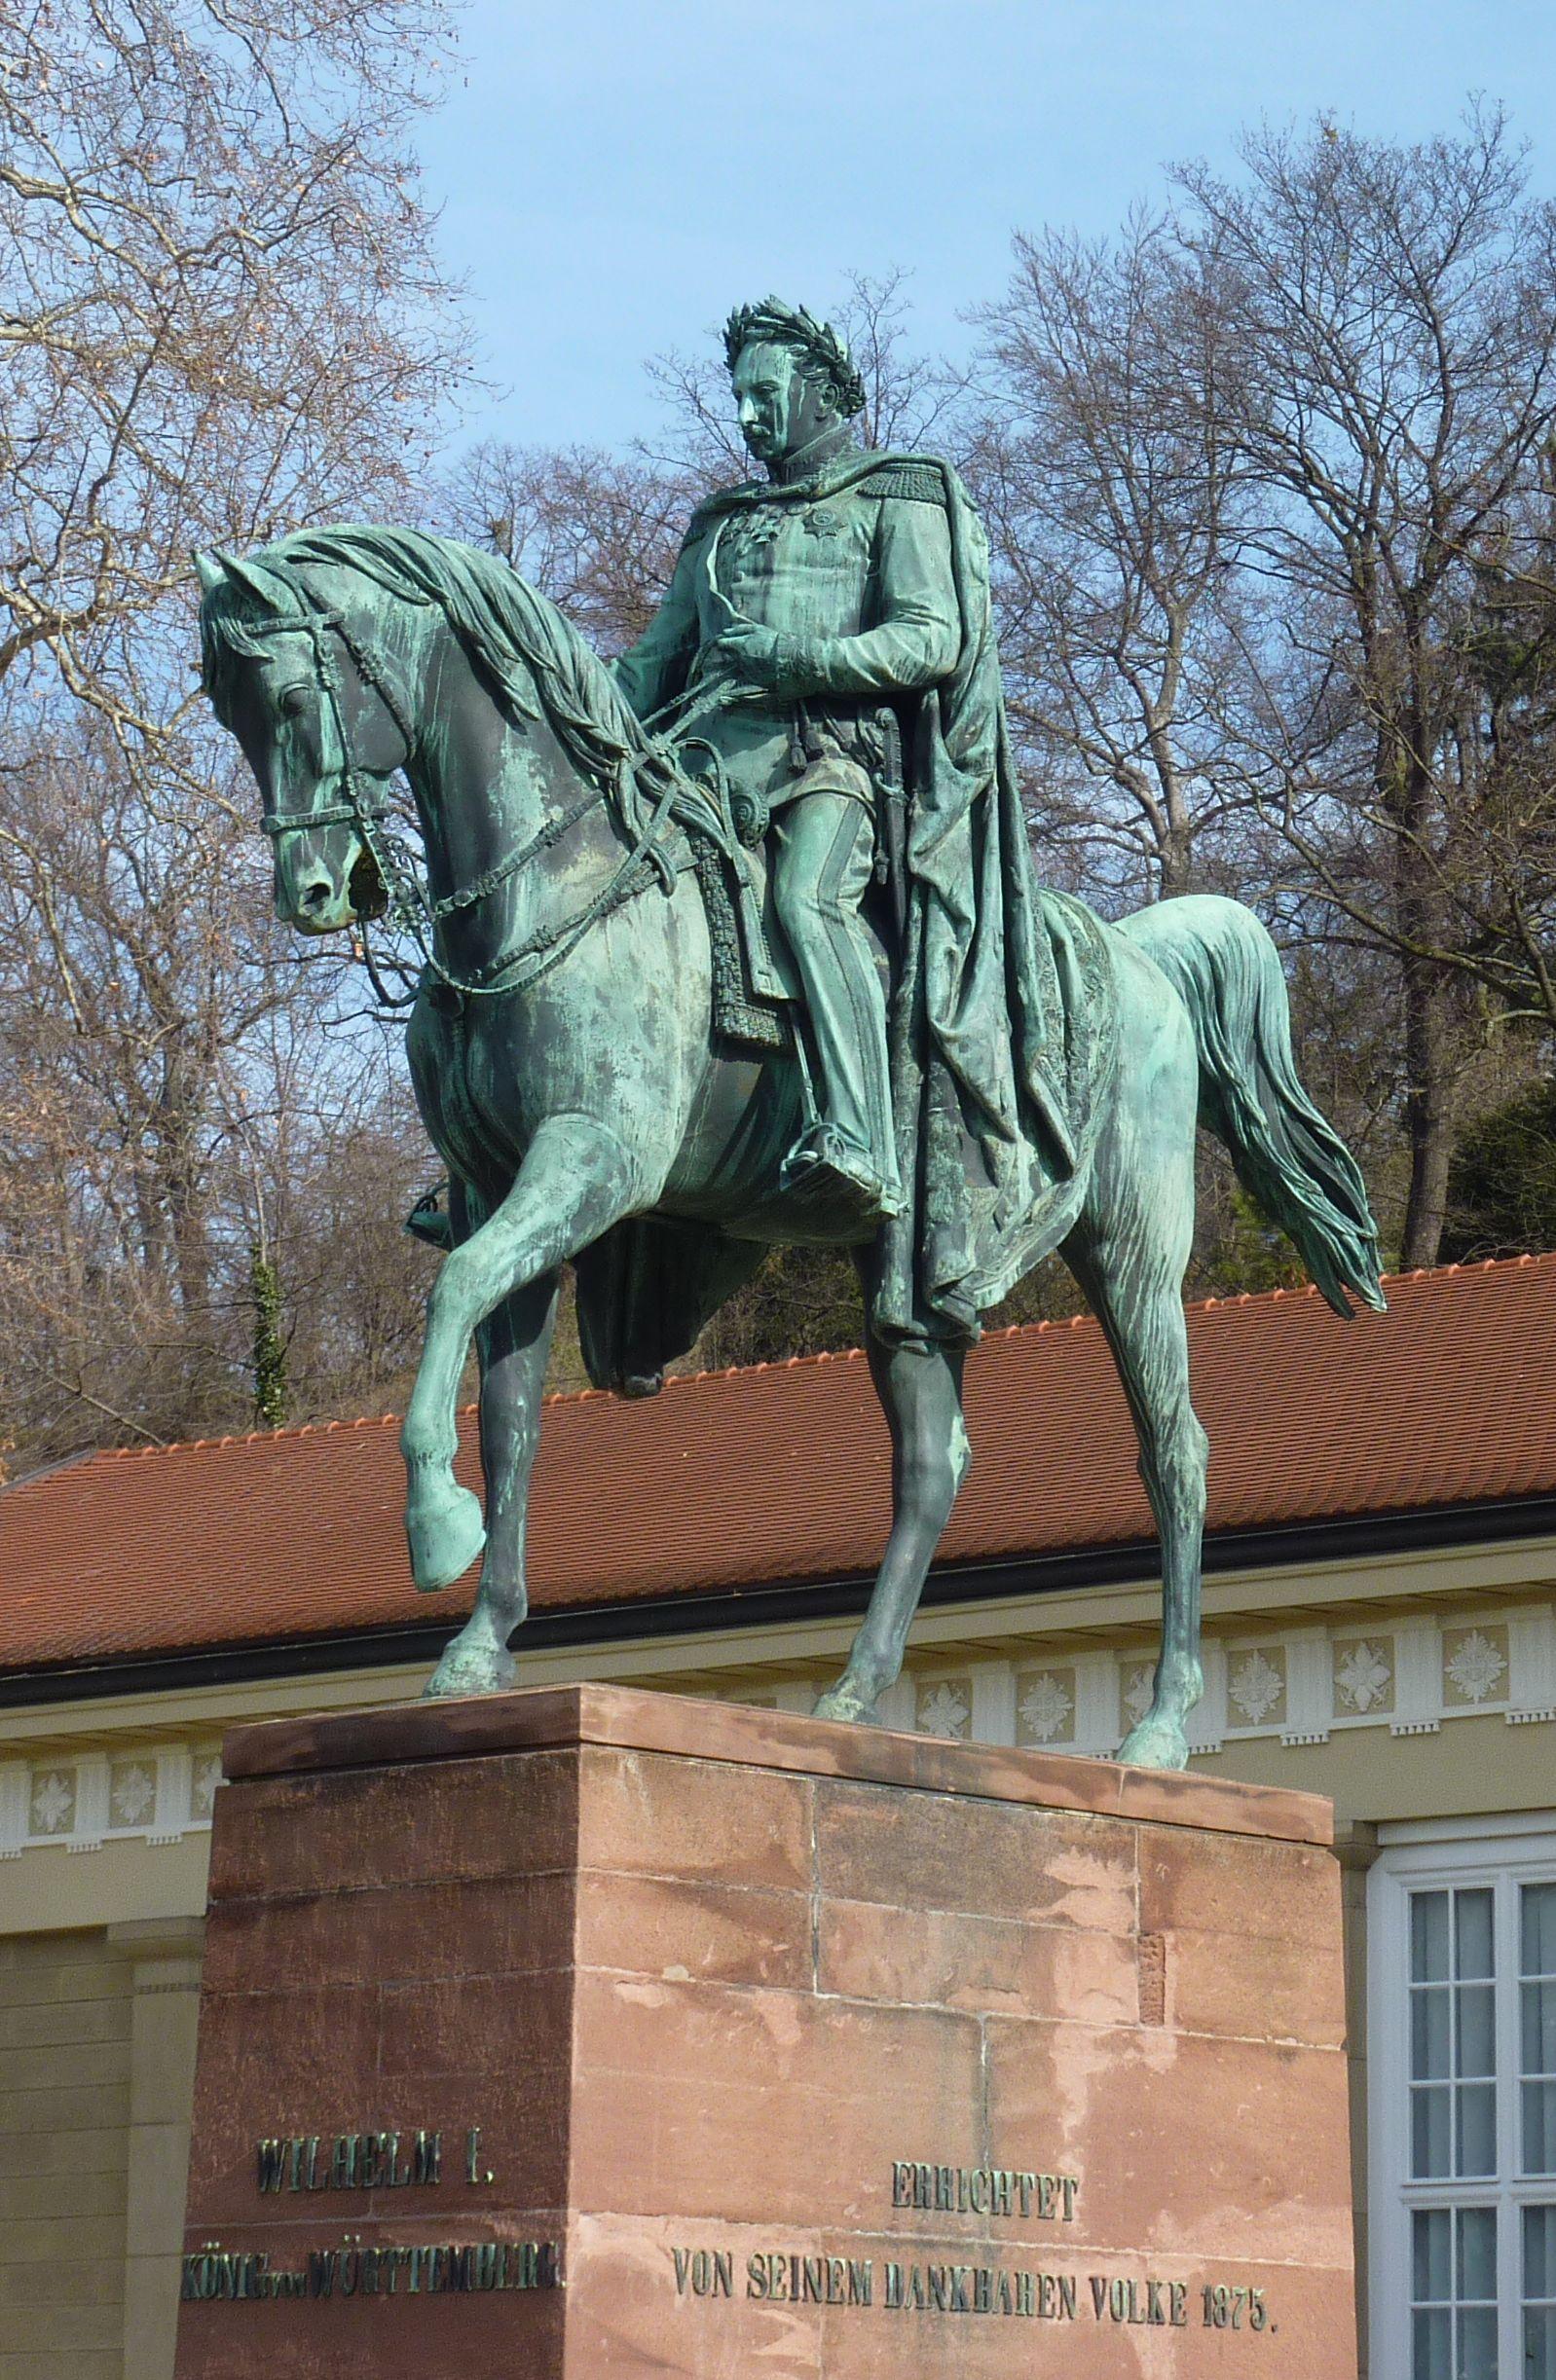 Denkmal Wilhelm 1 File:cannstatt Denkmal Wilhelm